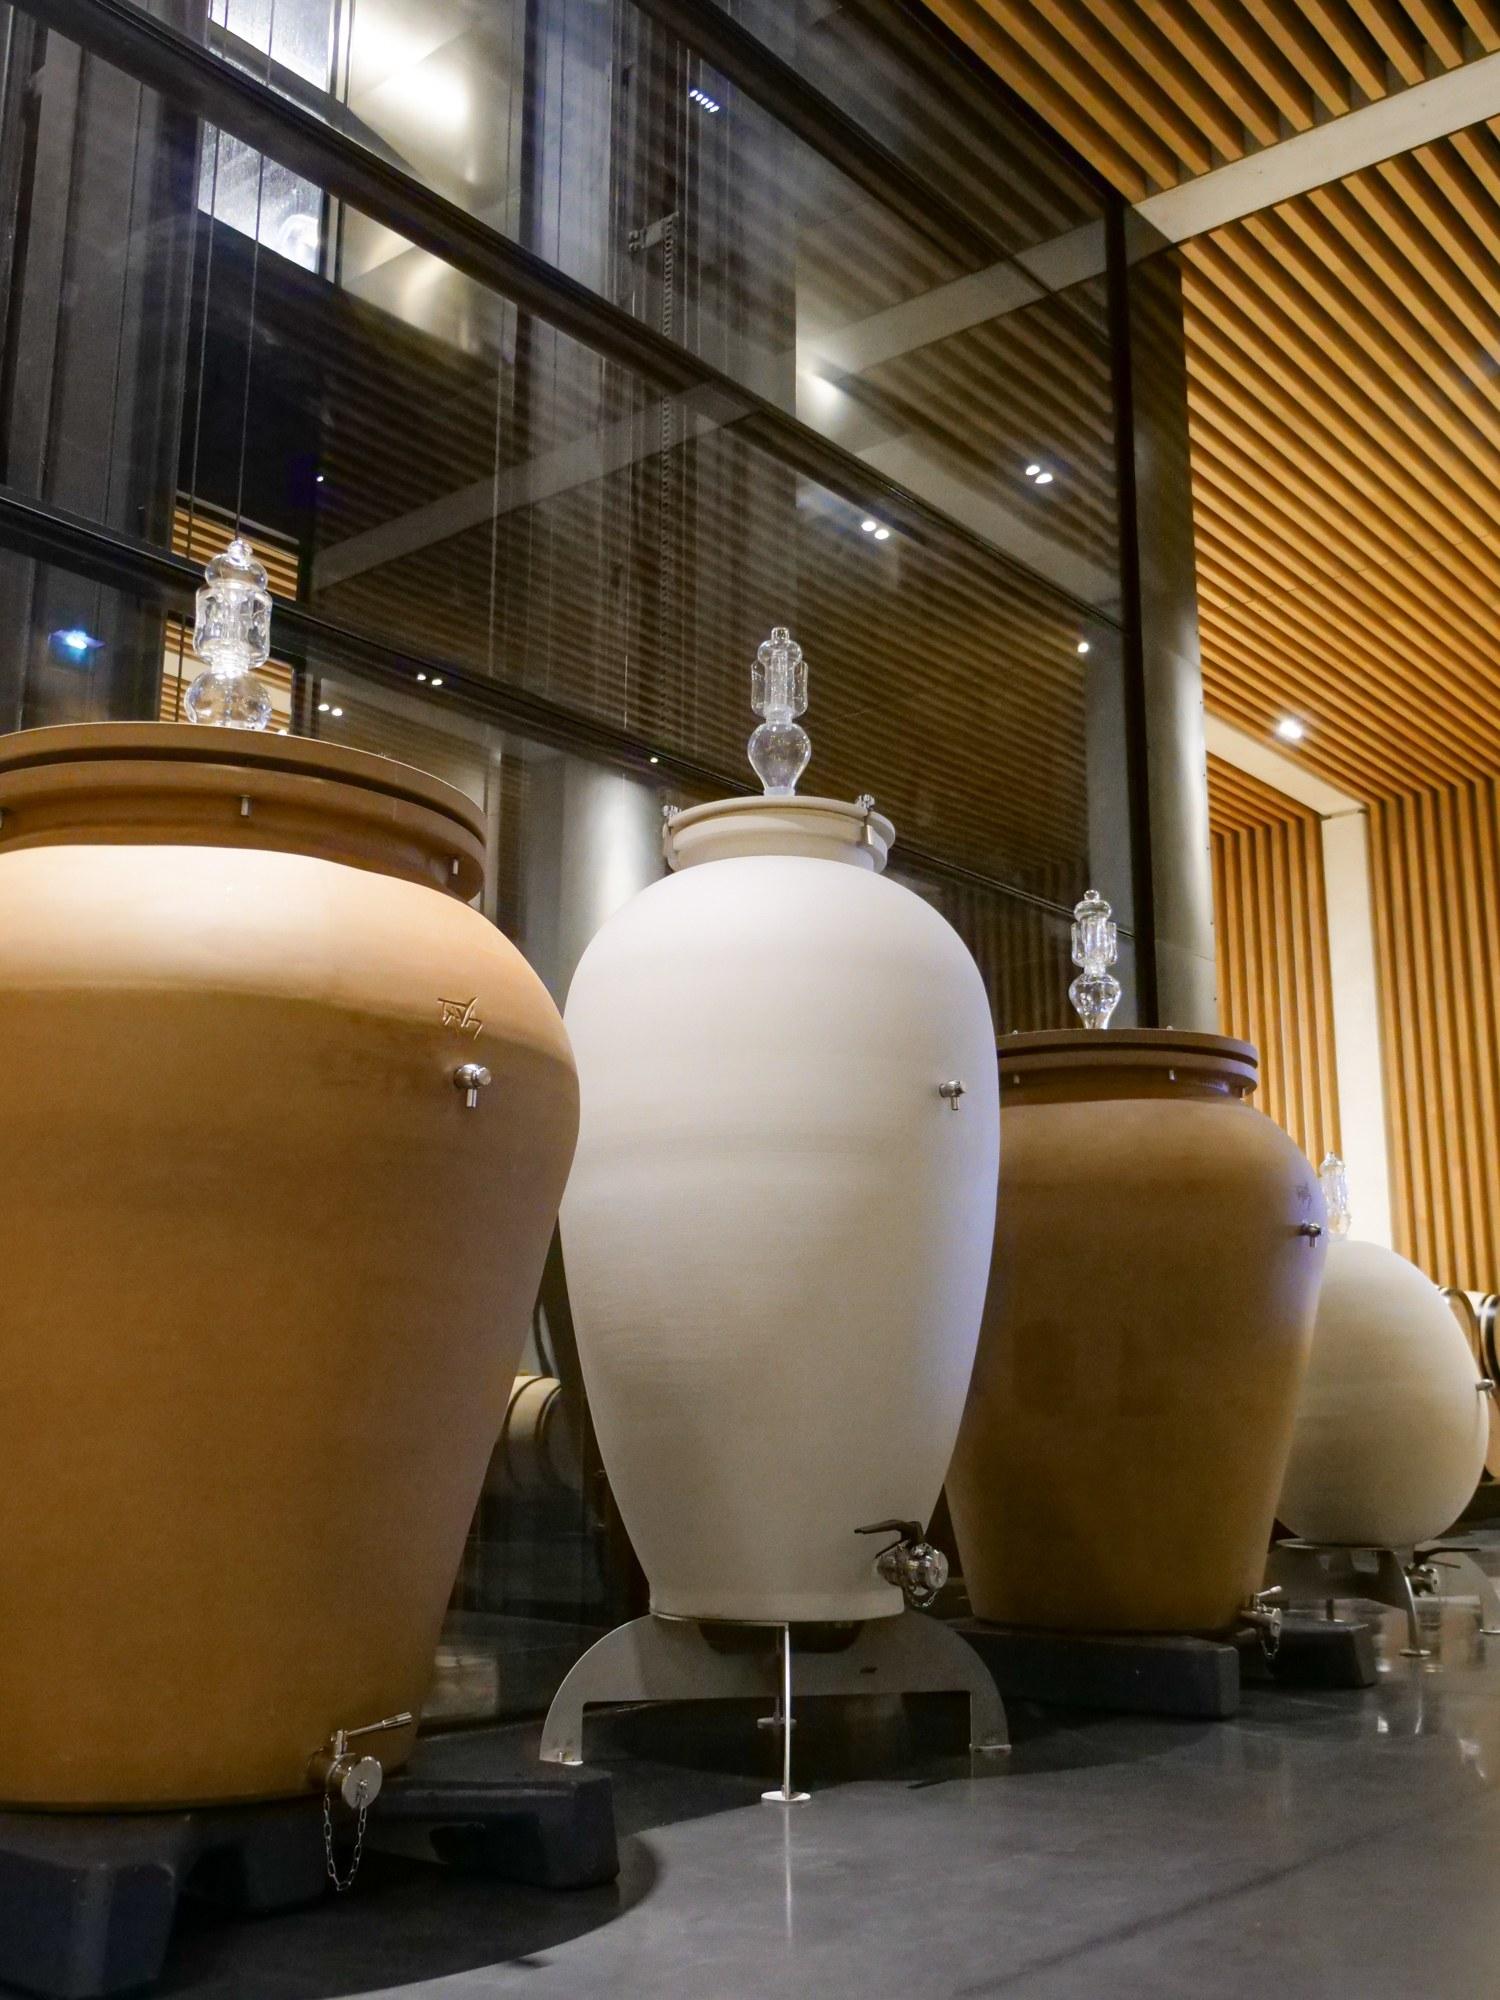 A trial of amphorae at Château Pédesclaux - Chateau Pedesclaux